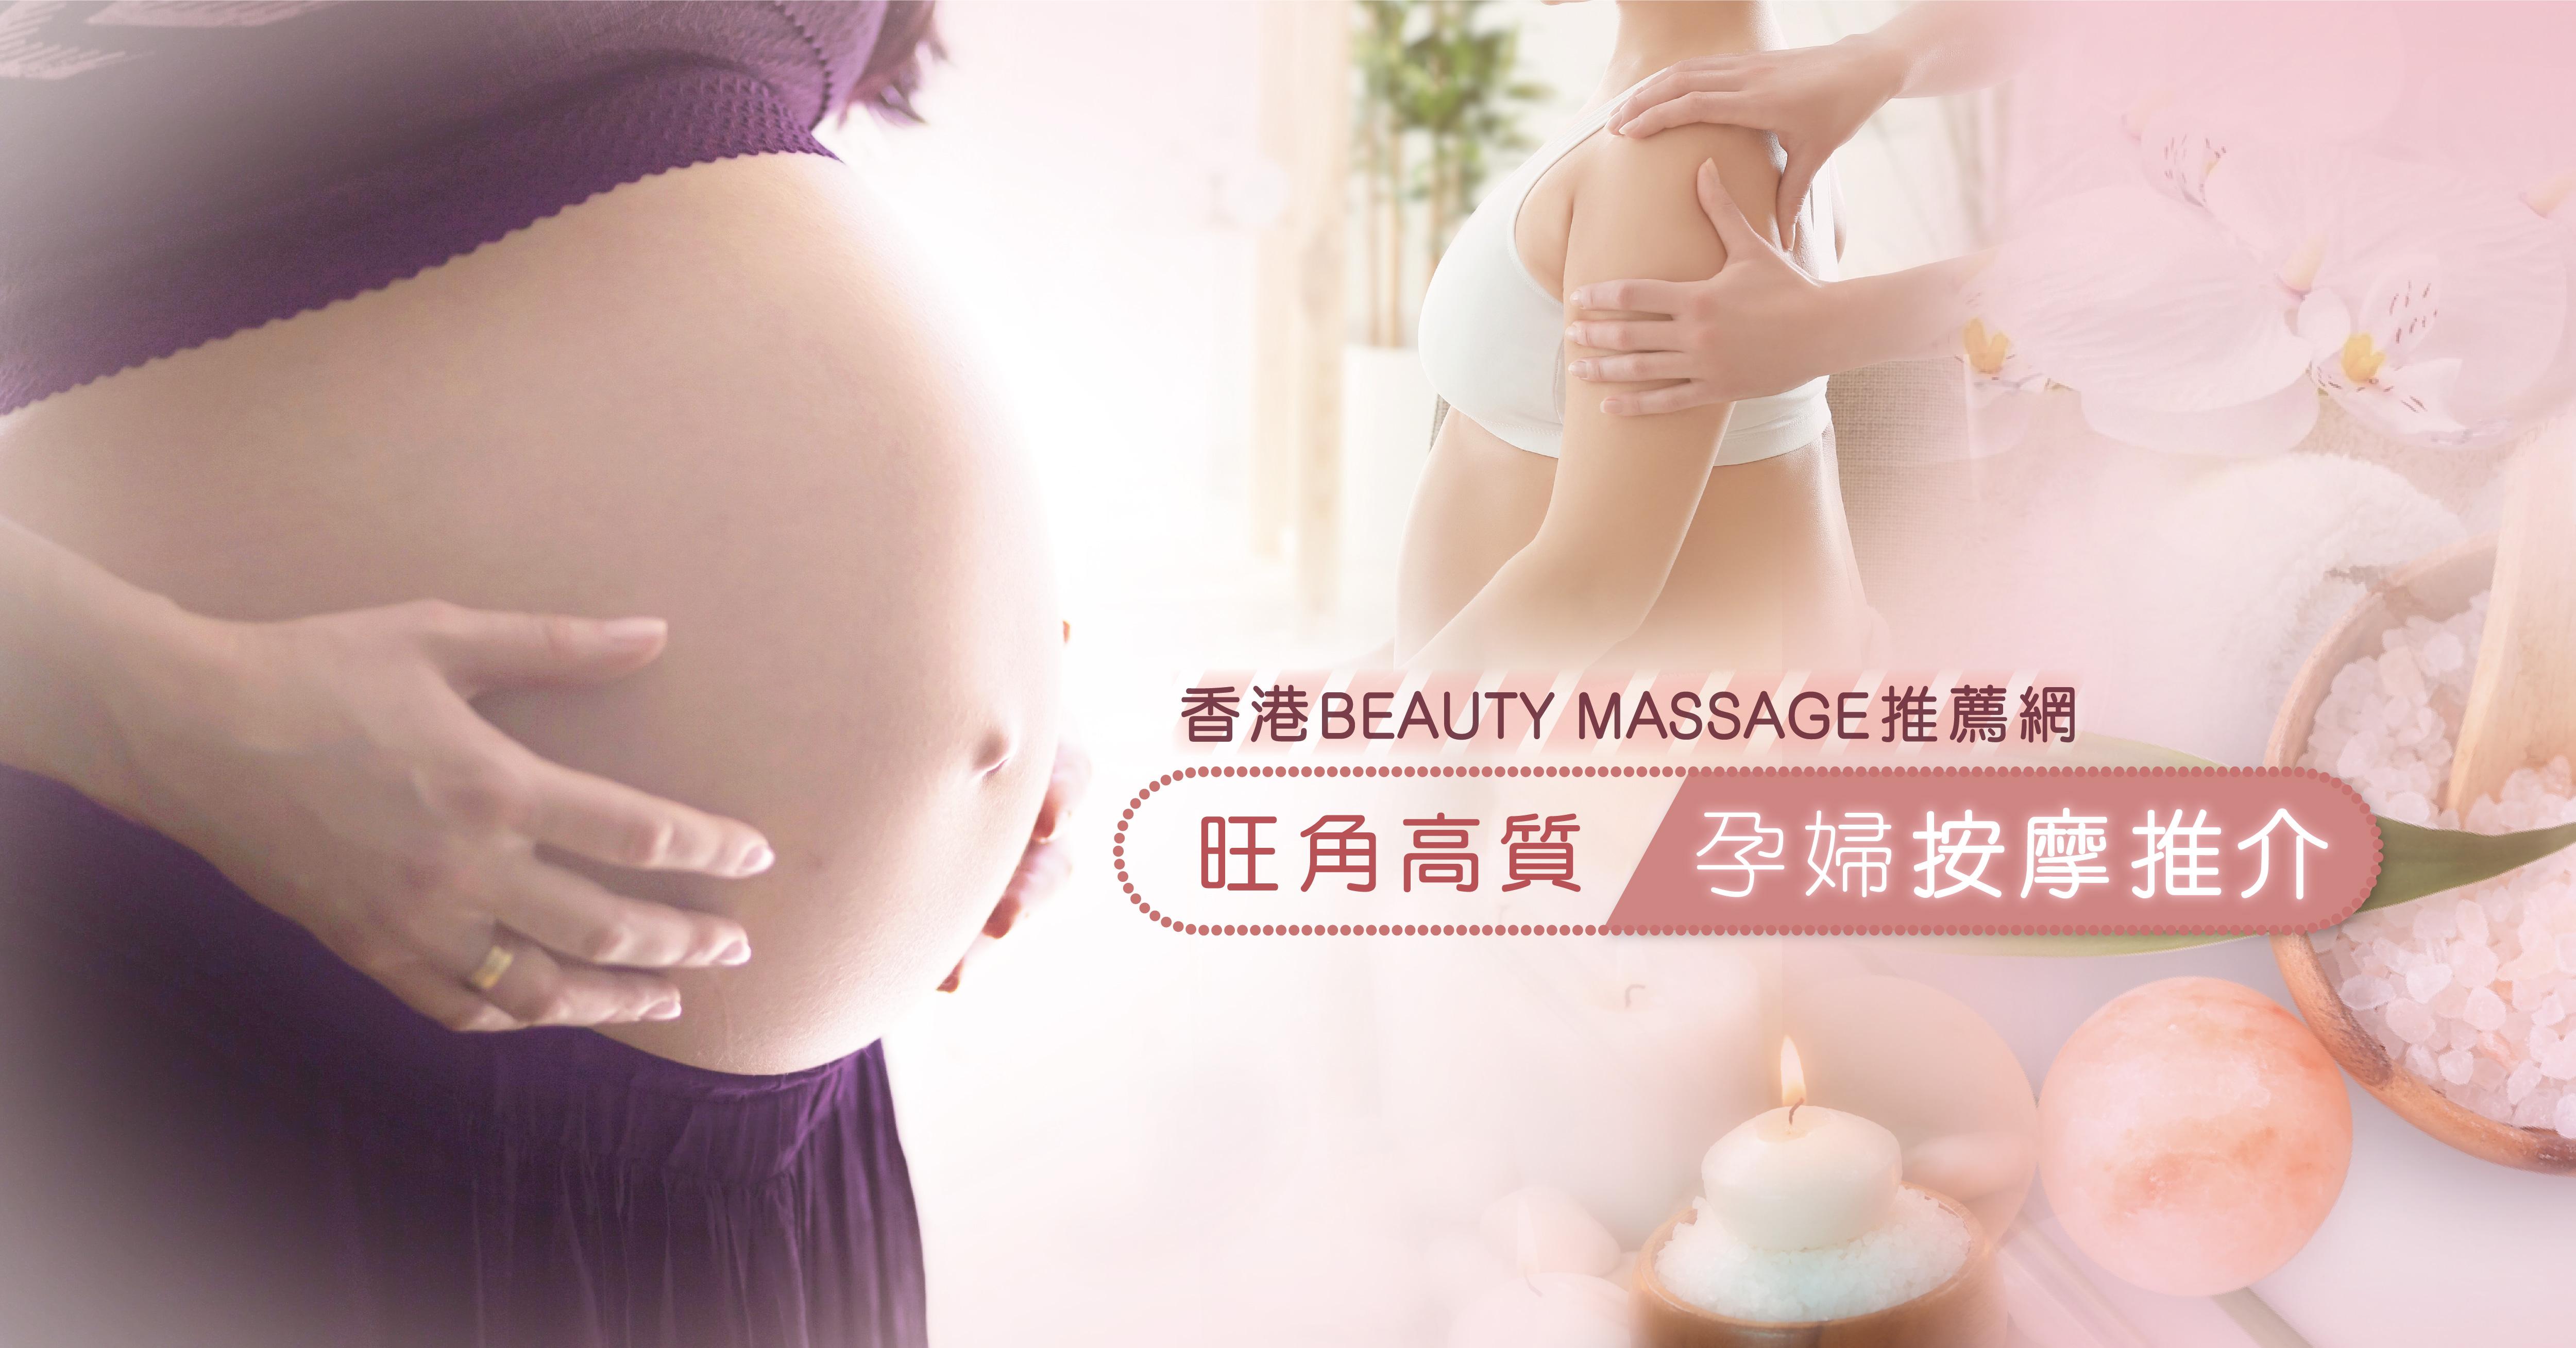 旺角最高質孕婦按摩推介—香港Beauty Massage推薦網